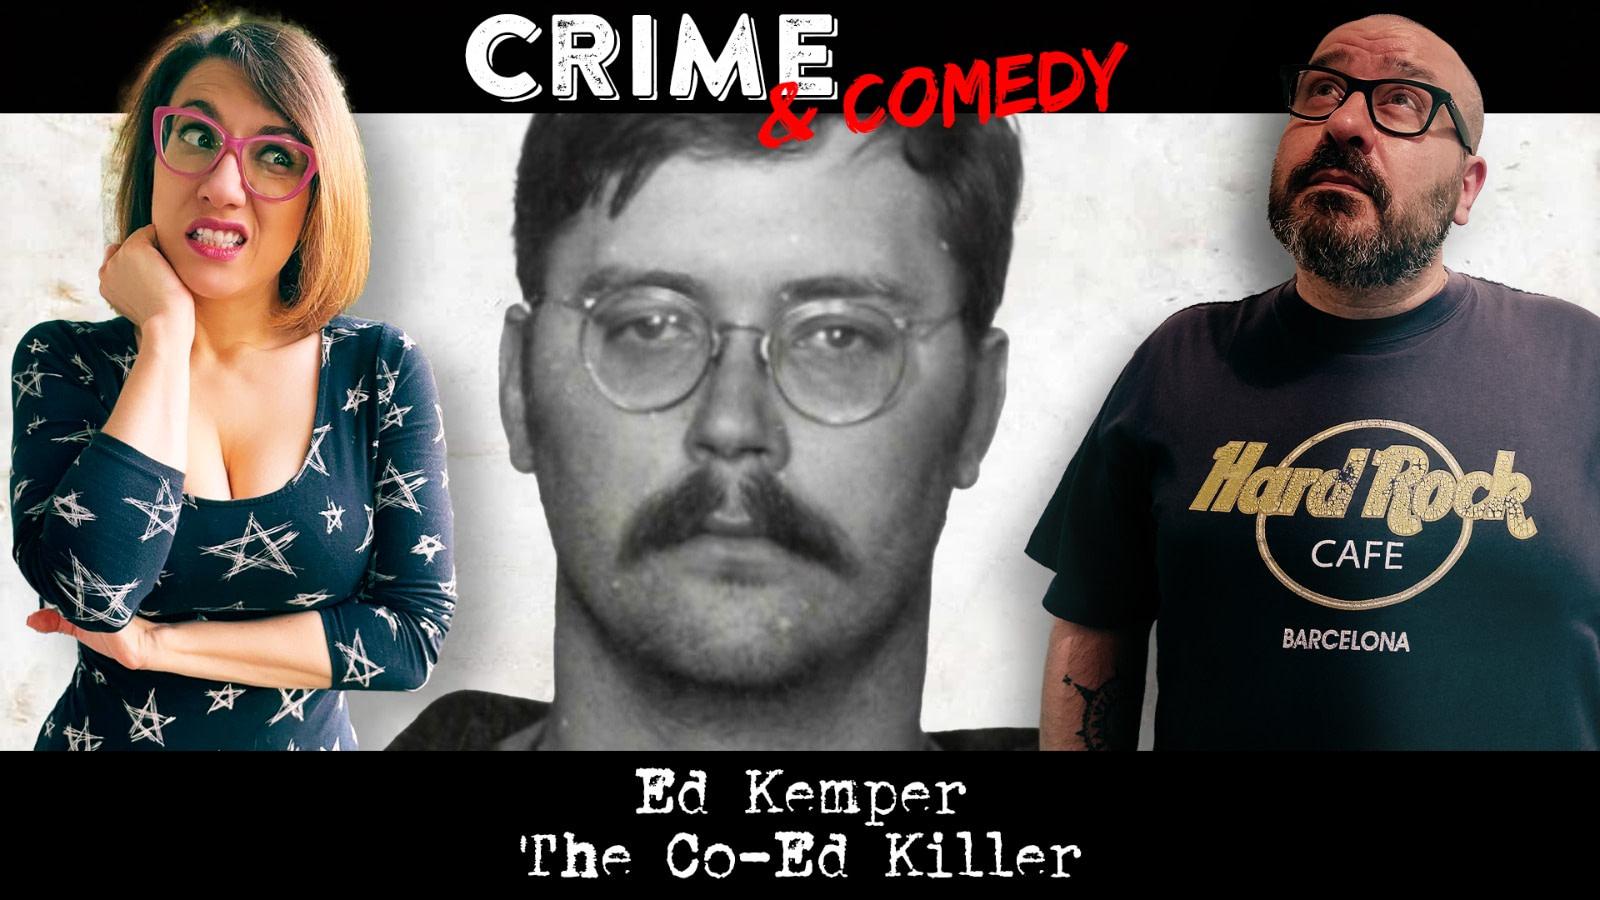 Ed Kemper - Podcast - The Co-Ed Killer